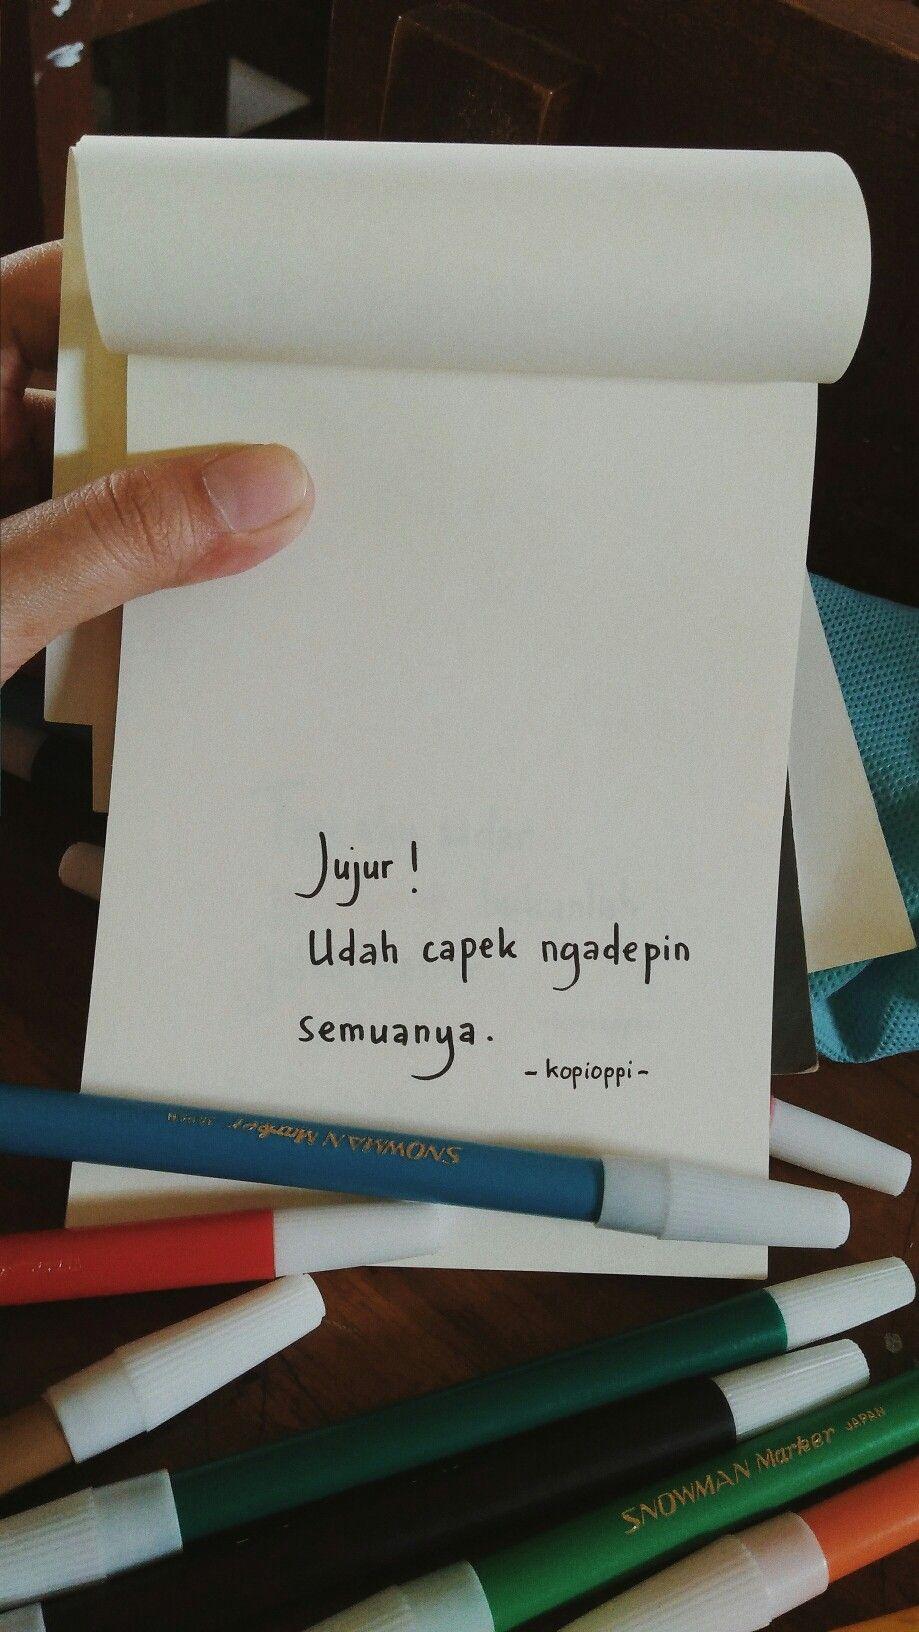 Kata Kata Lelah Uploaded by user